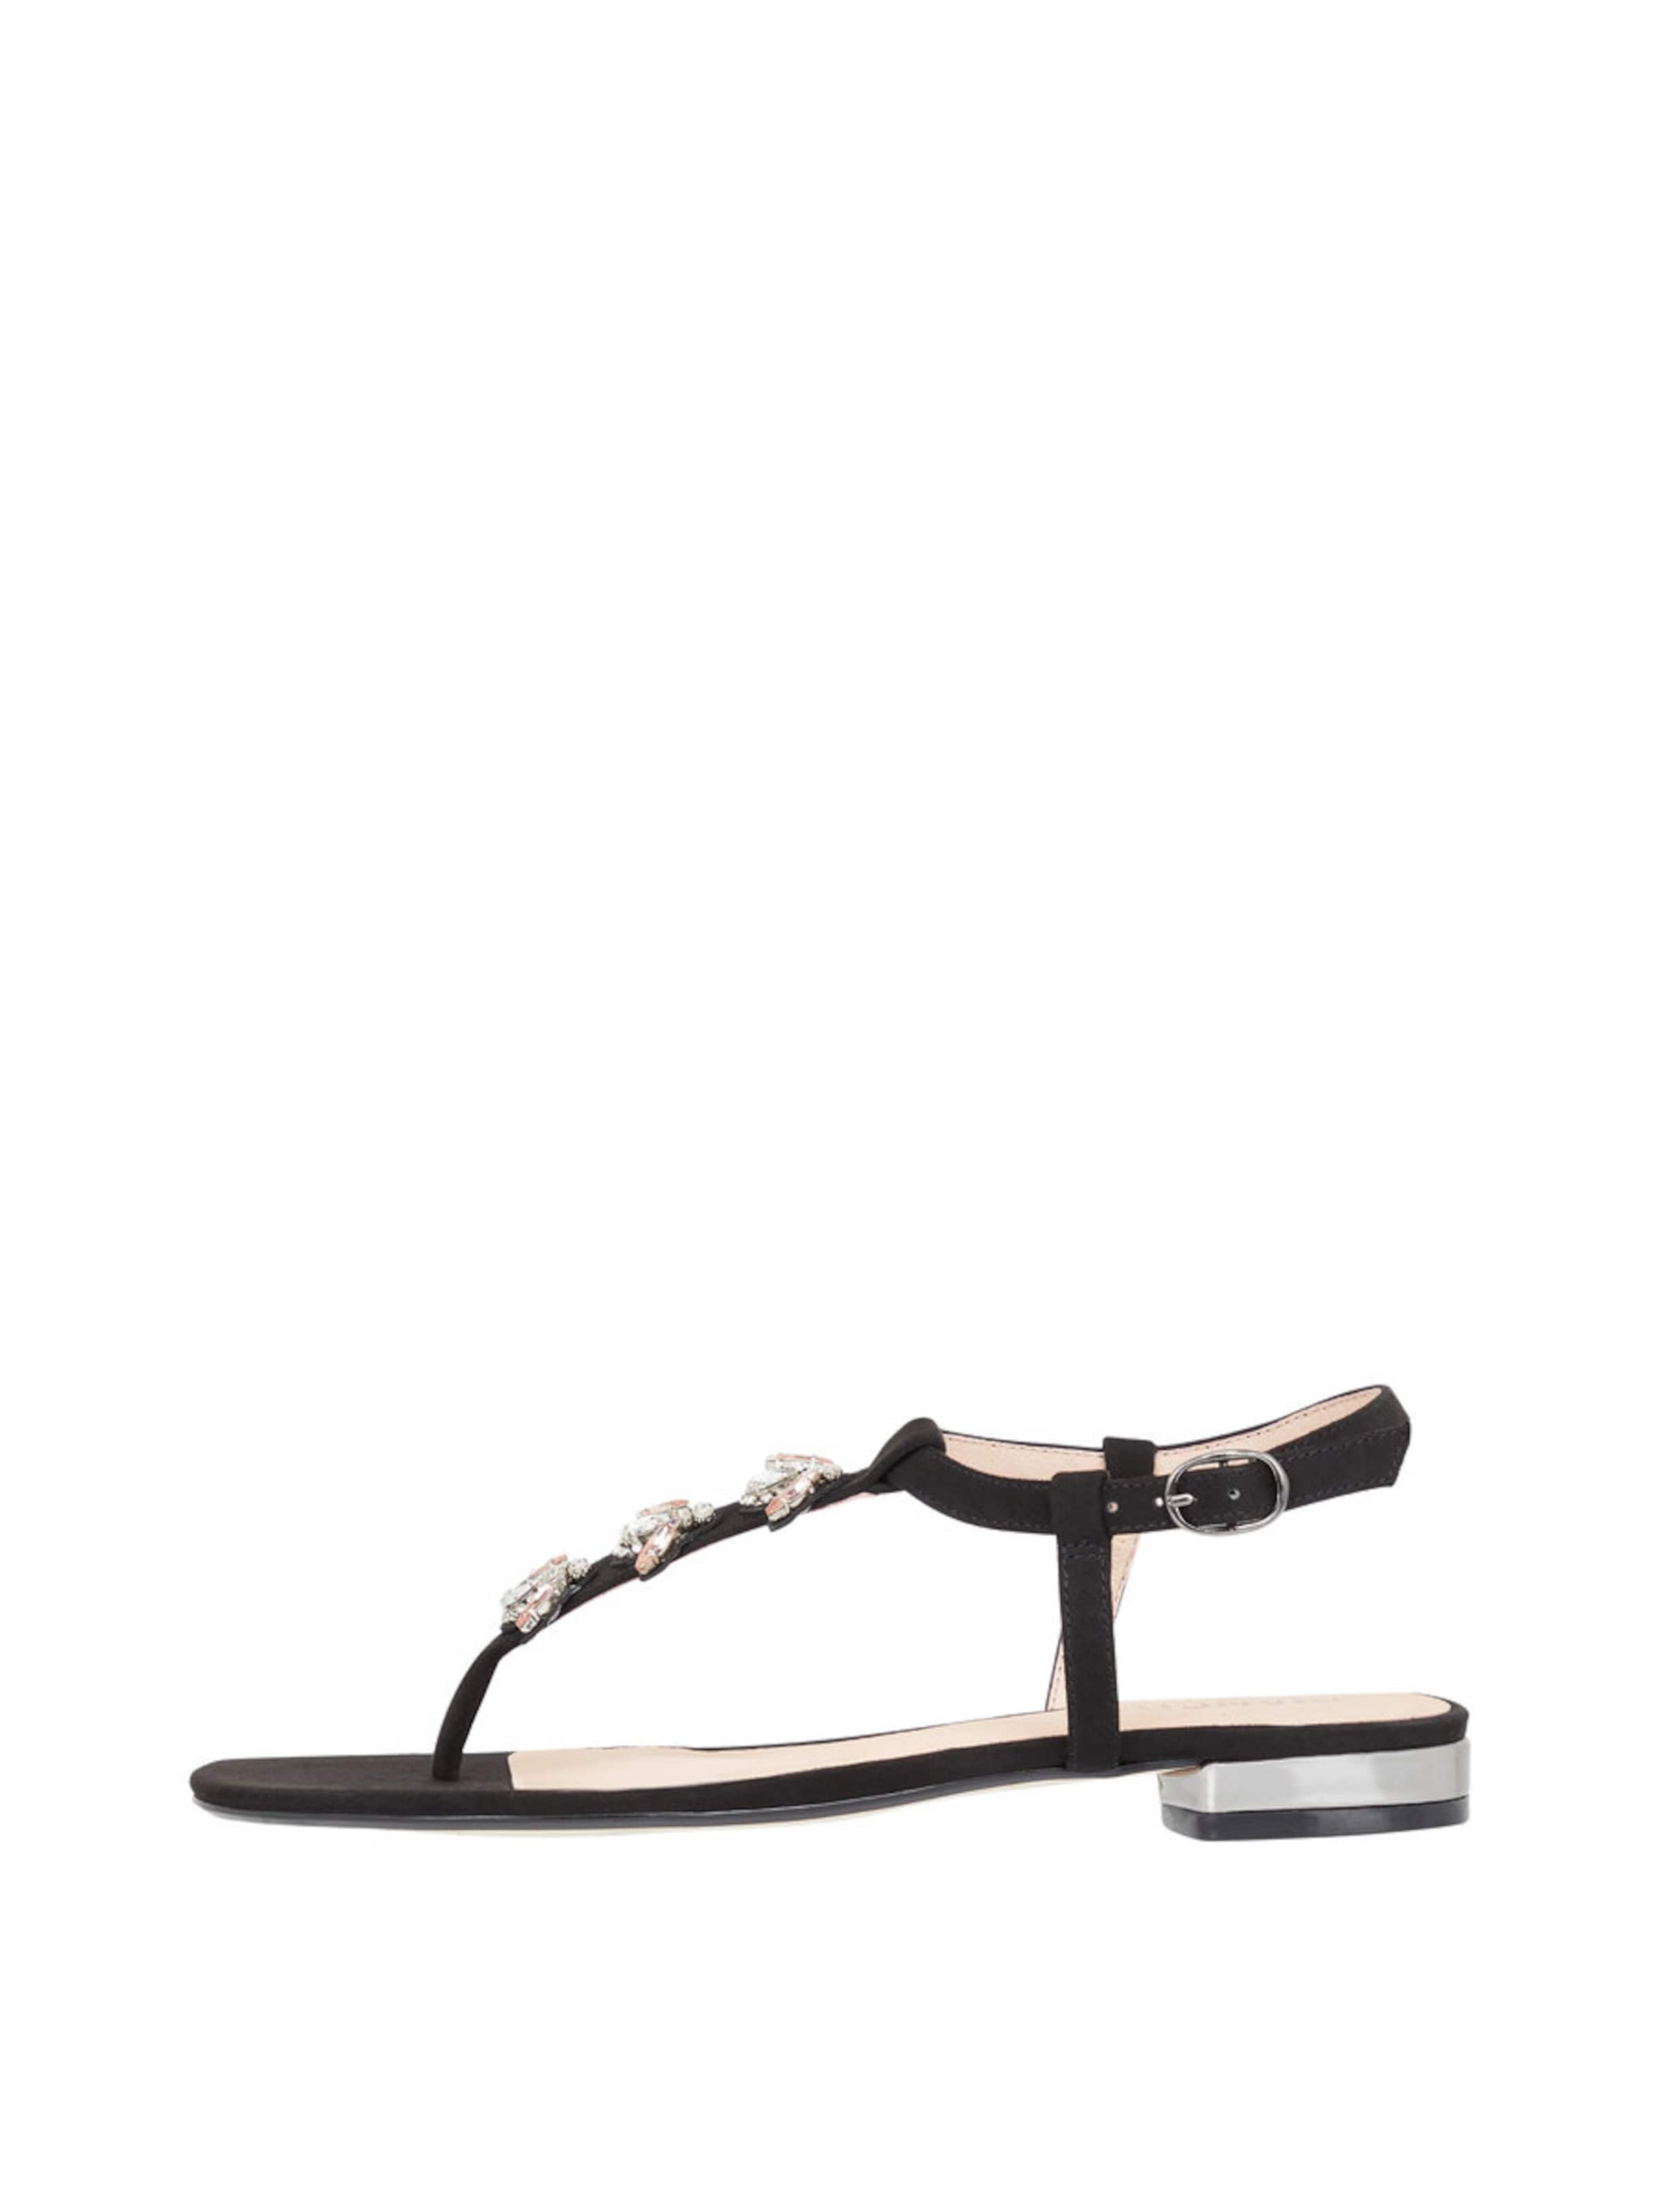 Bianco Sandalen Verschleißfeste billige Schuhe Hohe Qualität